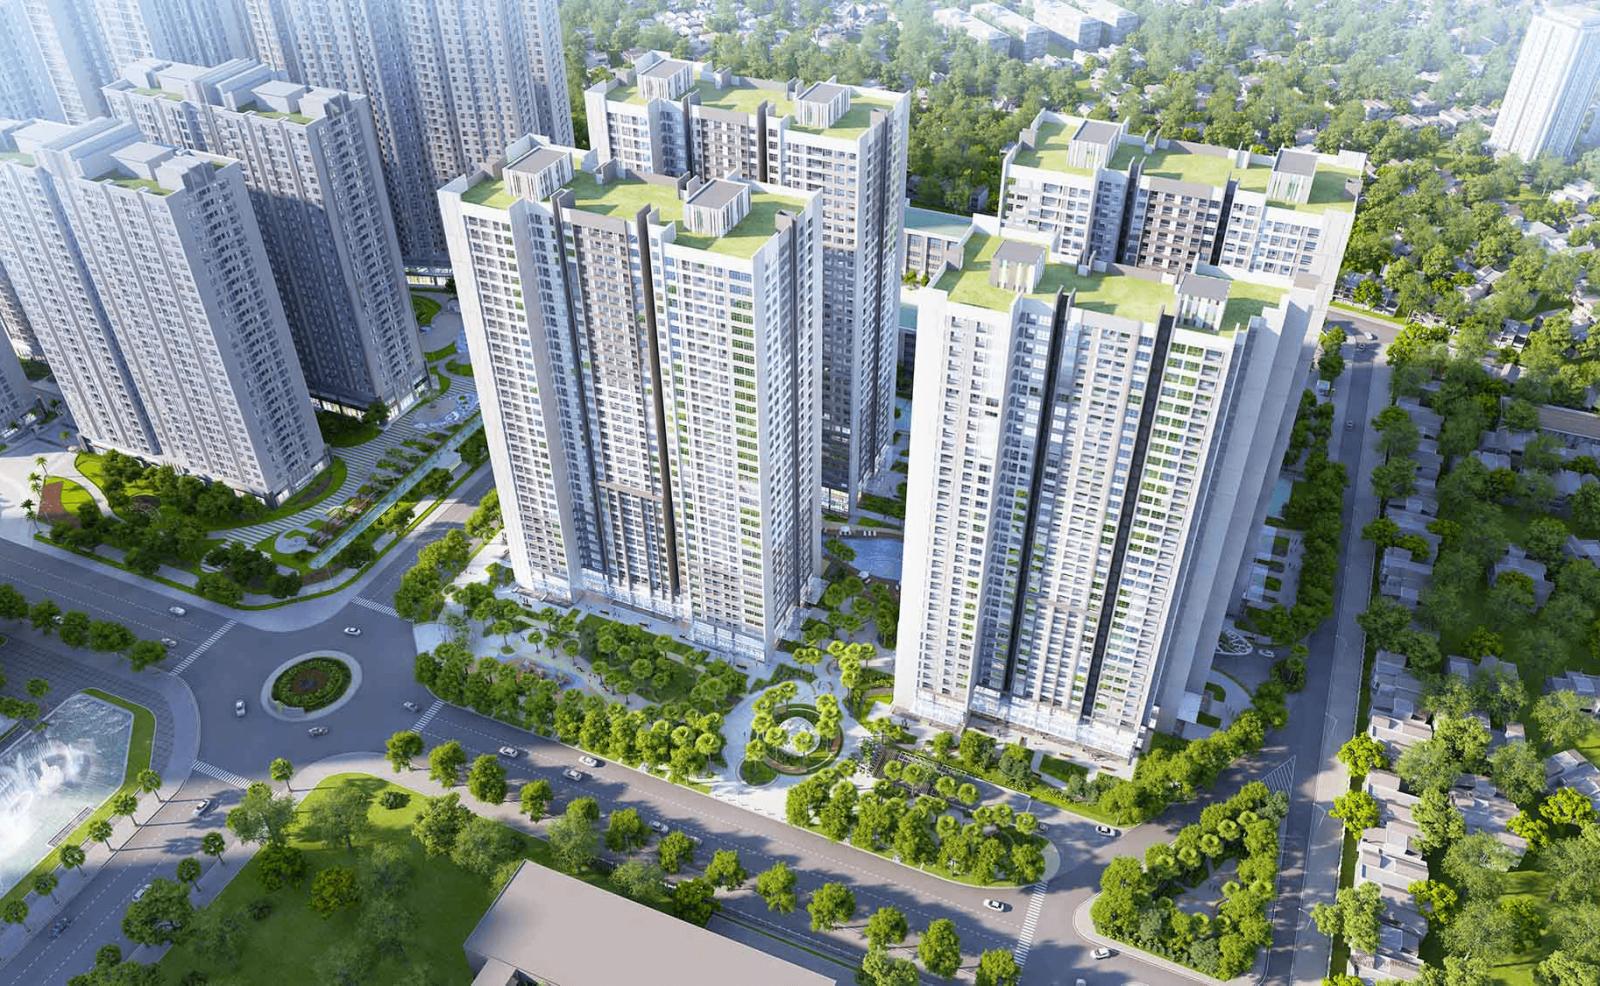 top 6 khu do thi dang song o viet nam 2718 5 - Top 6 khu đô thị đáng sống ở Việt Nam